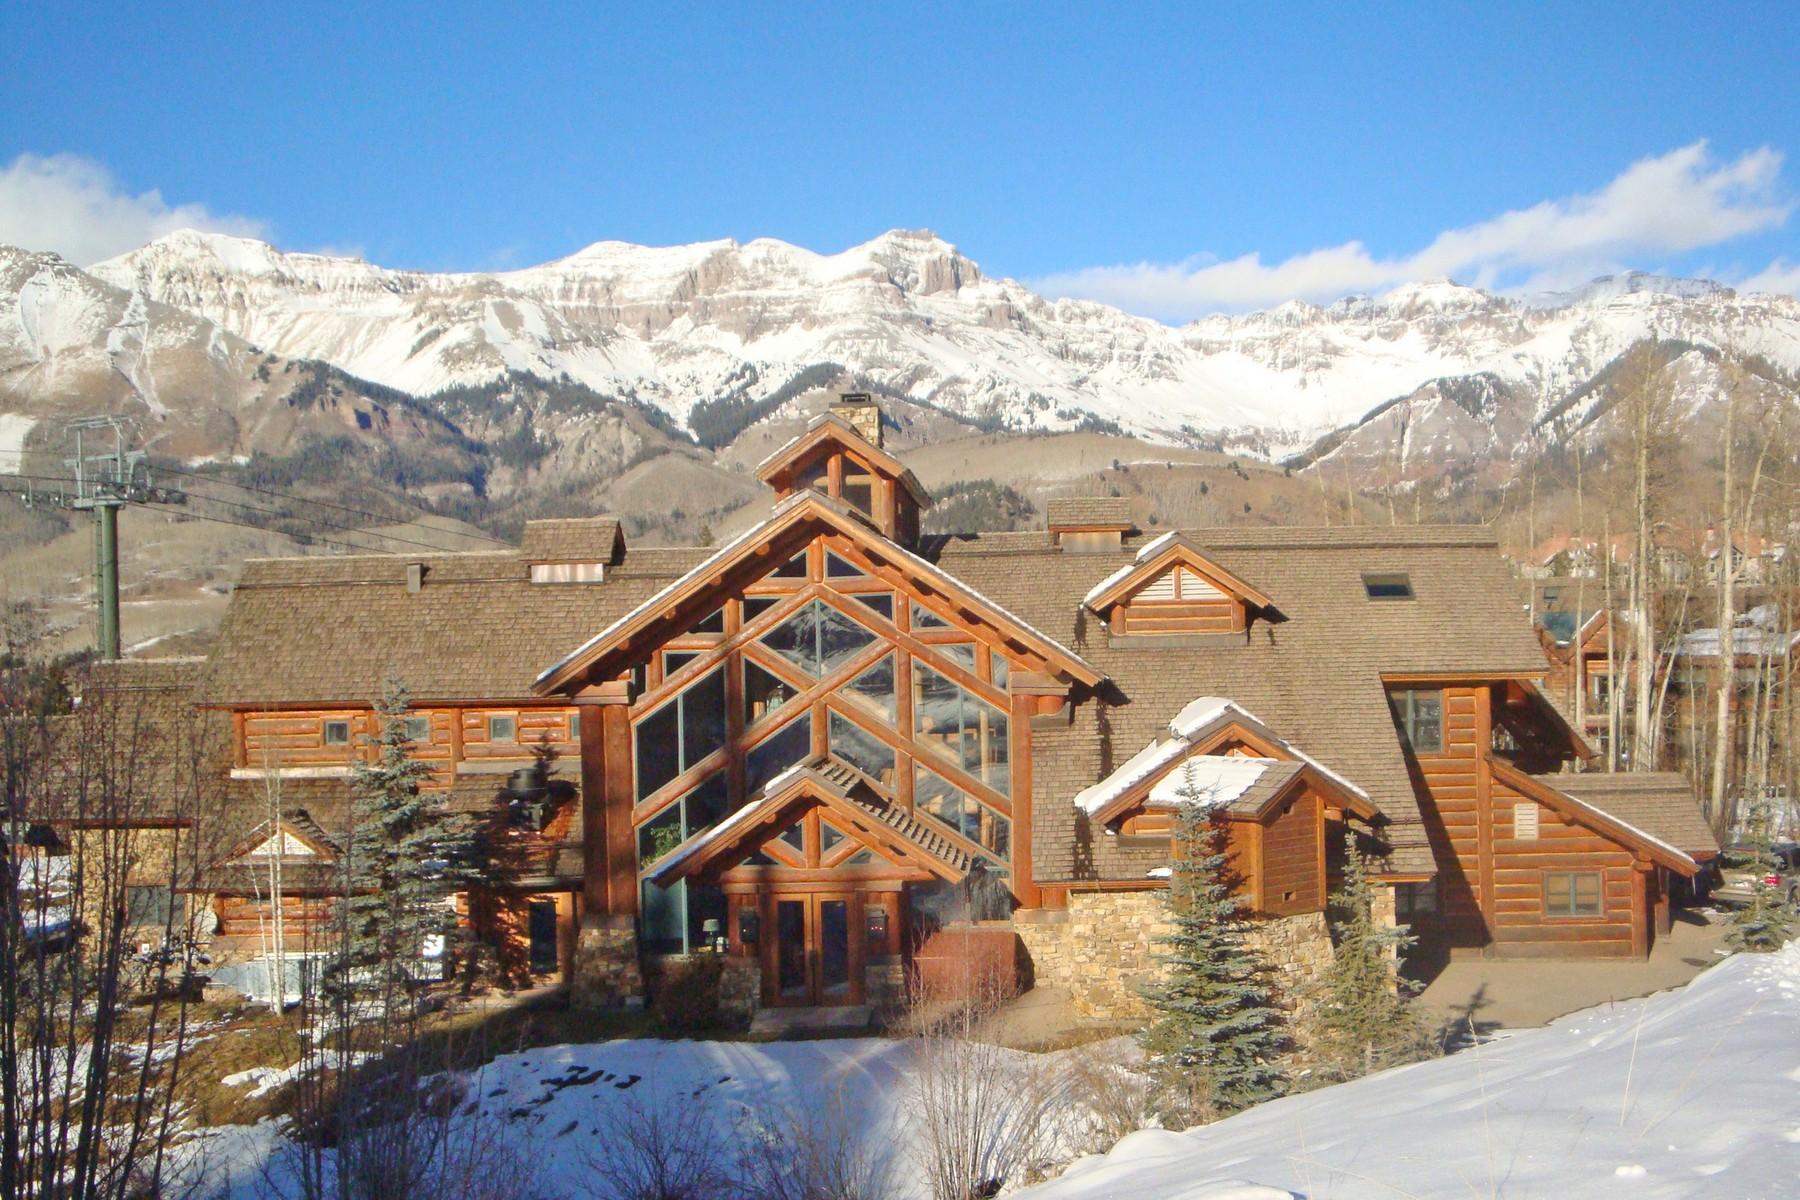 Nhà chung cư vì Bán tại Mountain Lodge 2217 457 Mountian Village Blvd., Unit 2217 Telluride, Colorado 81435 Hoa Kỳ